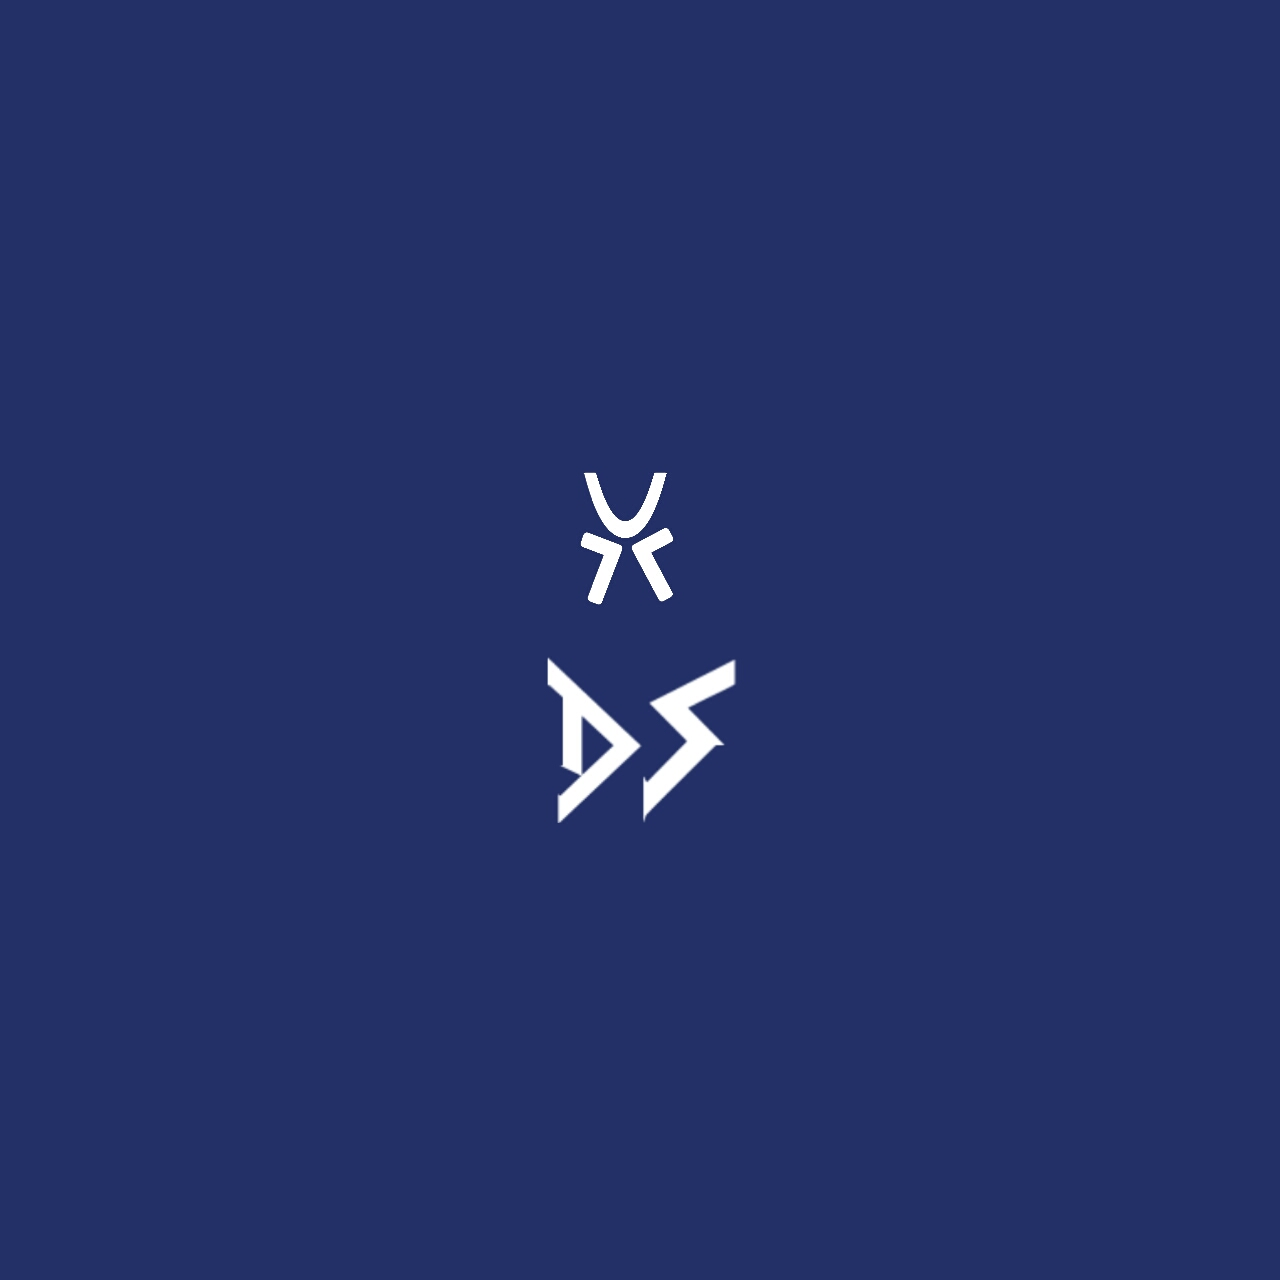 Нарисовать логотип для сольного музыкального проекта фото f_9155ba688dfe3dfc.jpg